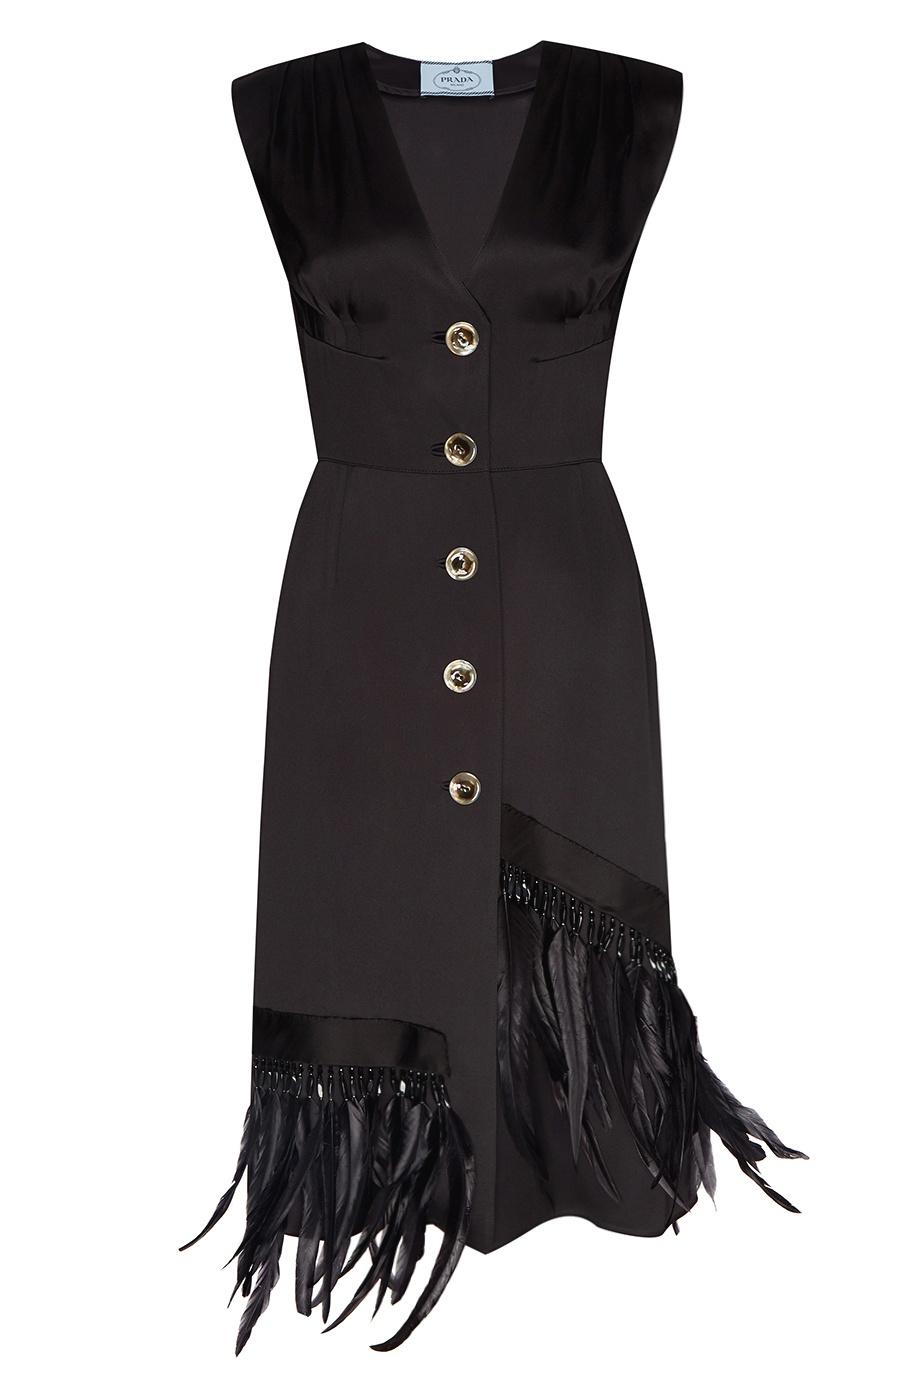 Атласное платье с перьями Prada - Черное платье из однотонной ... 4f6504aabed